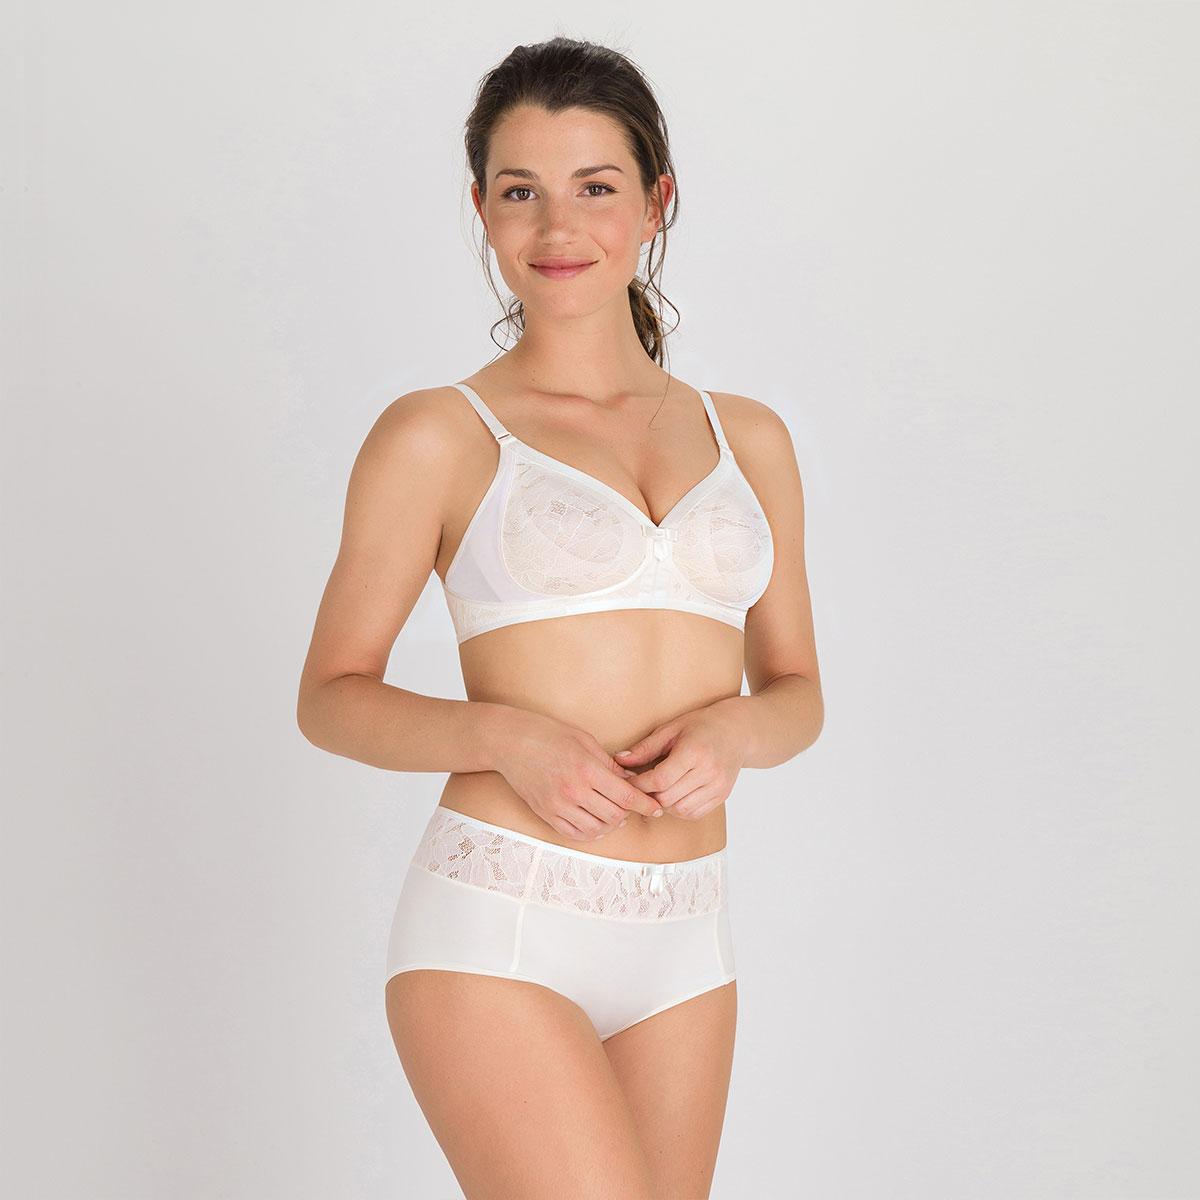 Soutien-gorge sans armatures ivoire - Ideal Beauty Lace-PLAYTEX